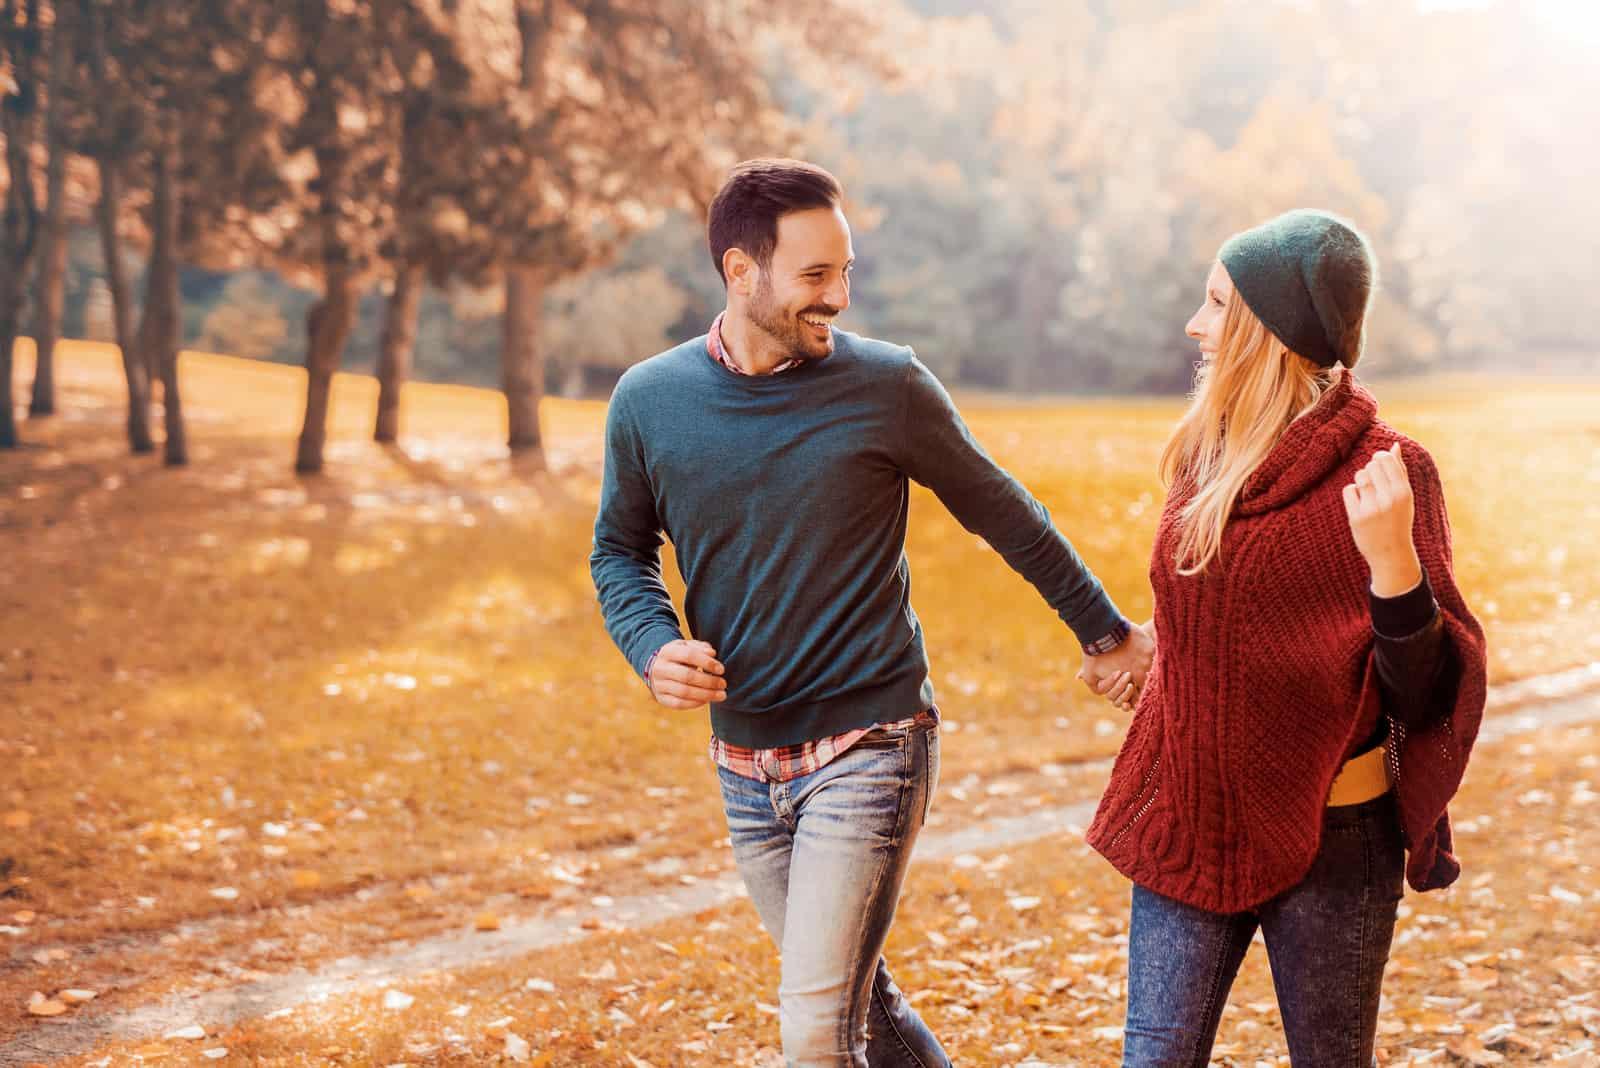 un homme et une femme souriants courent à travers le champ